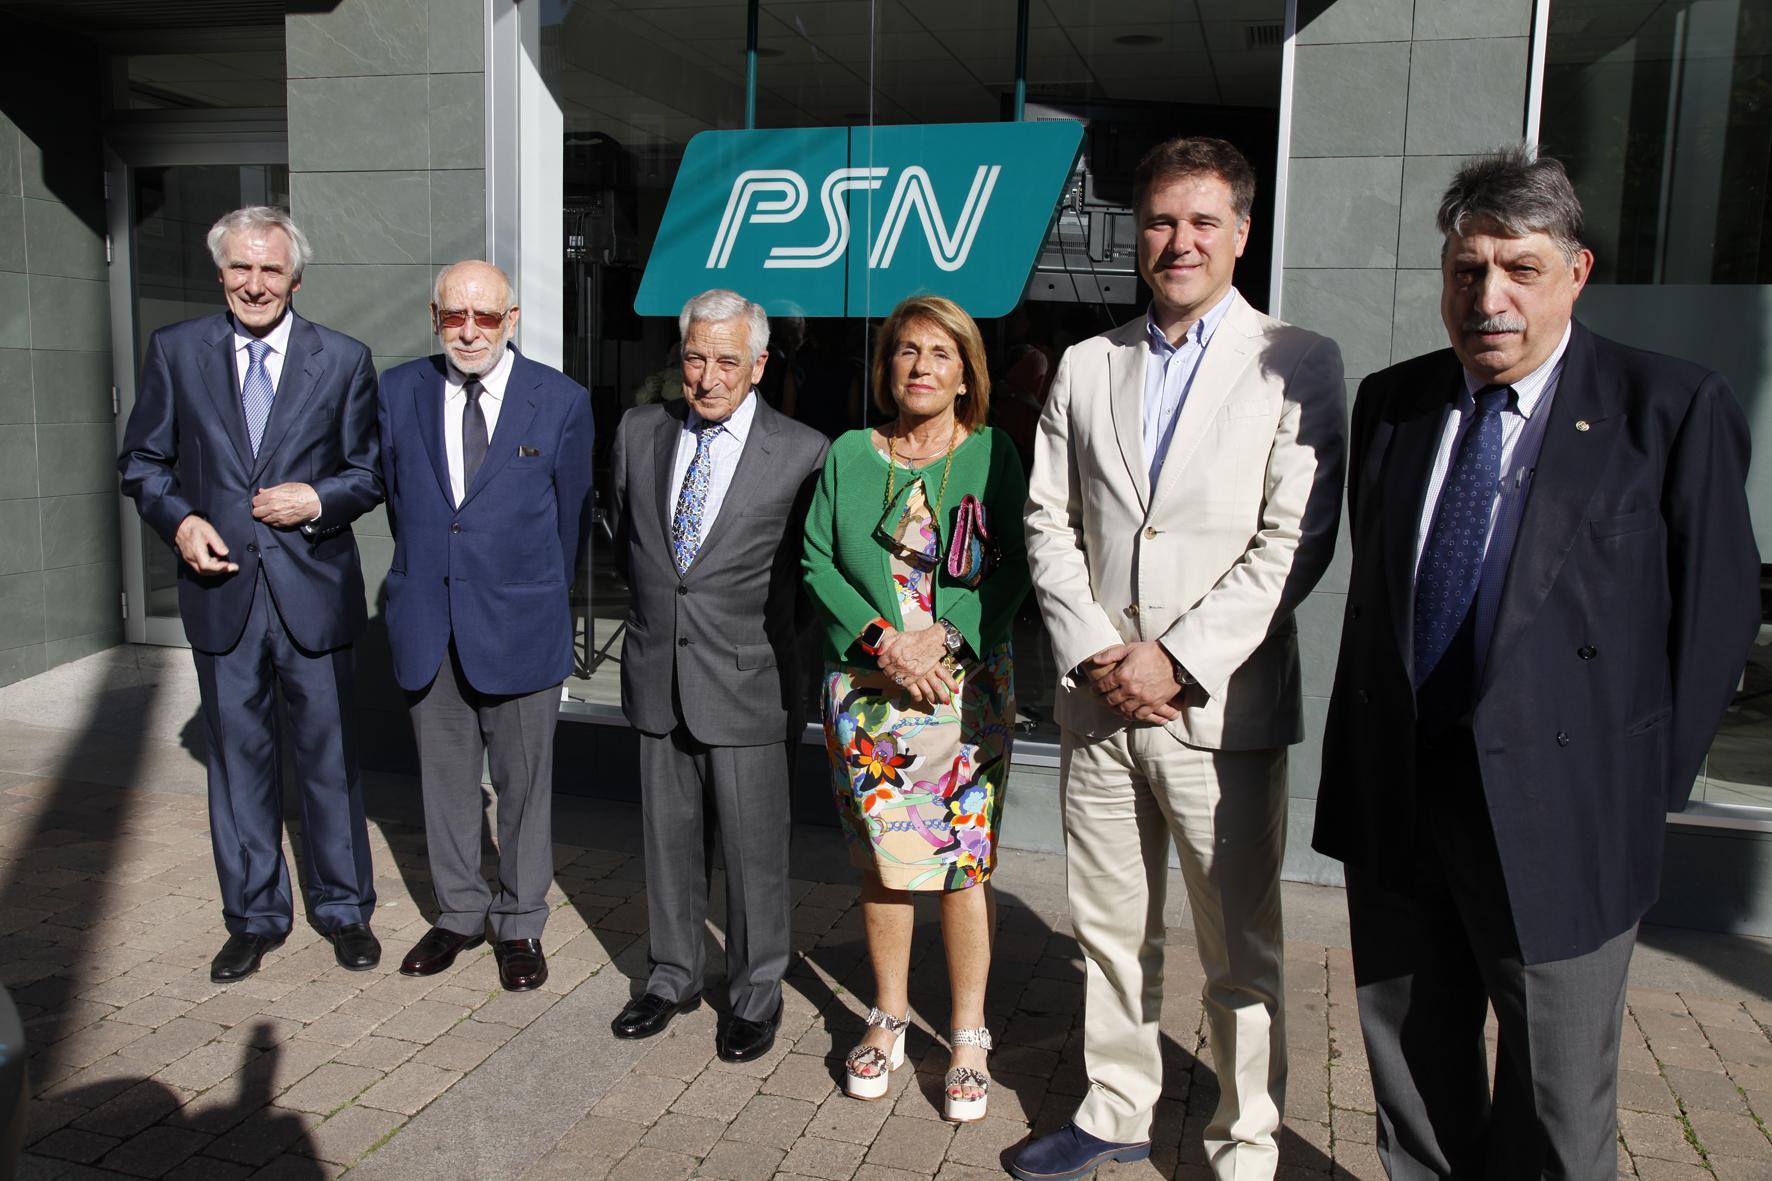 Psn inaugura oficialmente una nueva oficina en pontevedra for Oficina consumo pontevedra